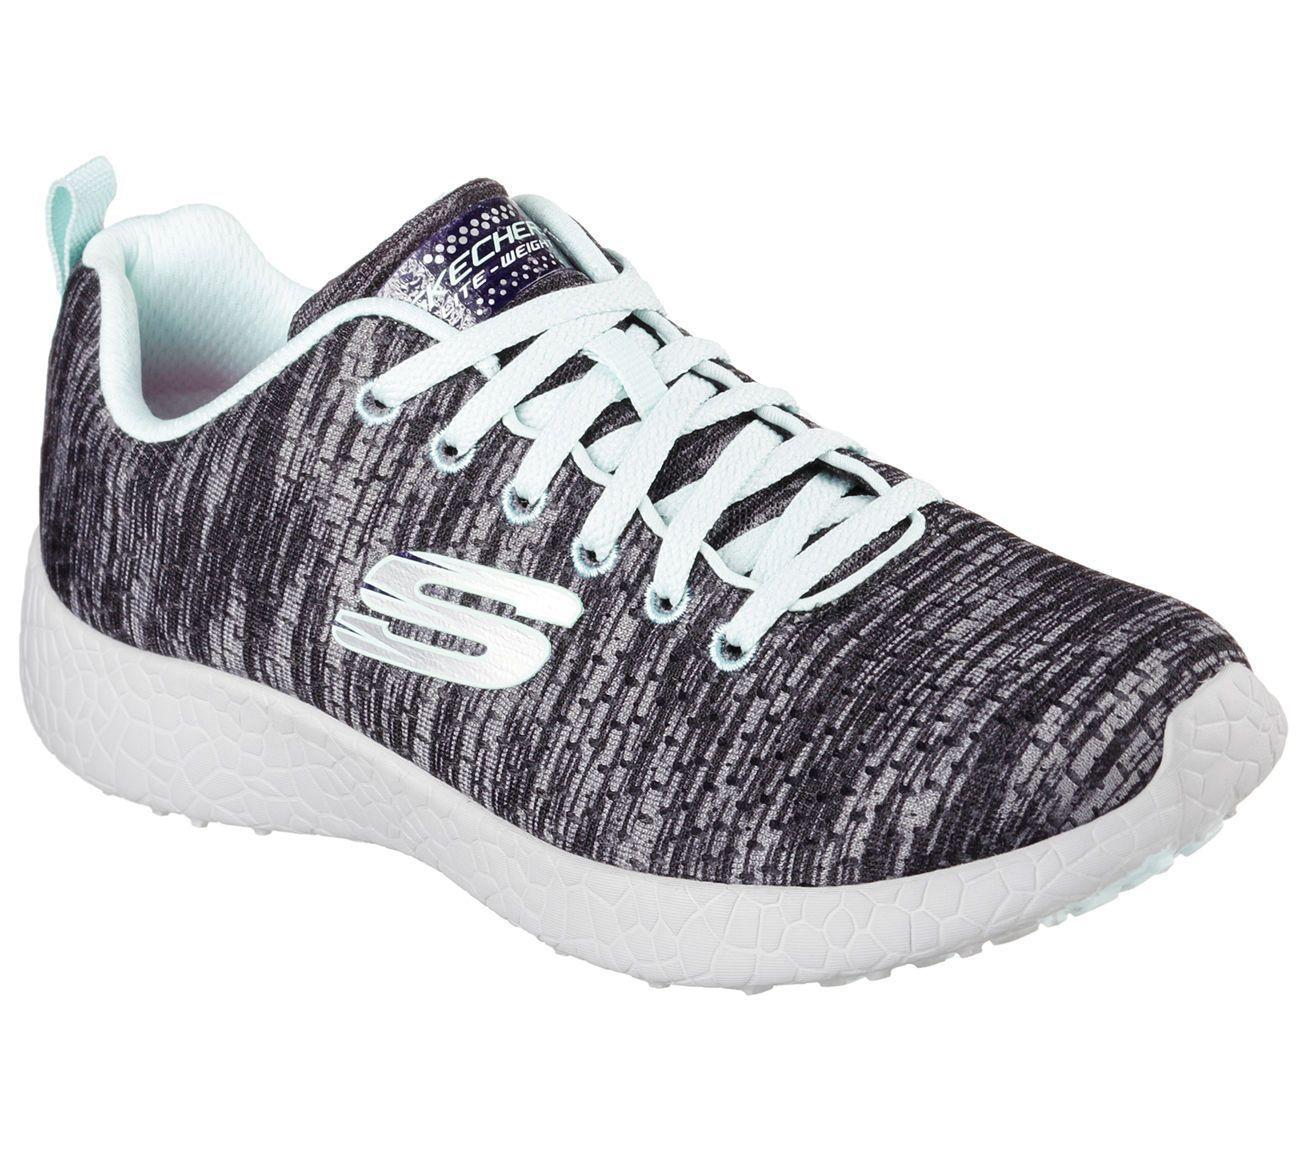 12740 PINK MULTI Skechers Shoes Burst Memory Foam Women Soft